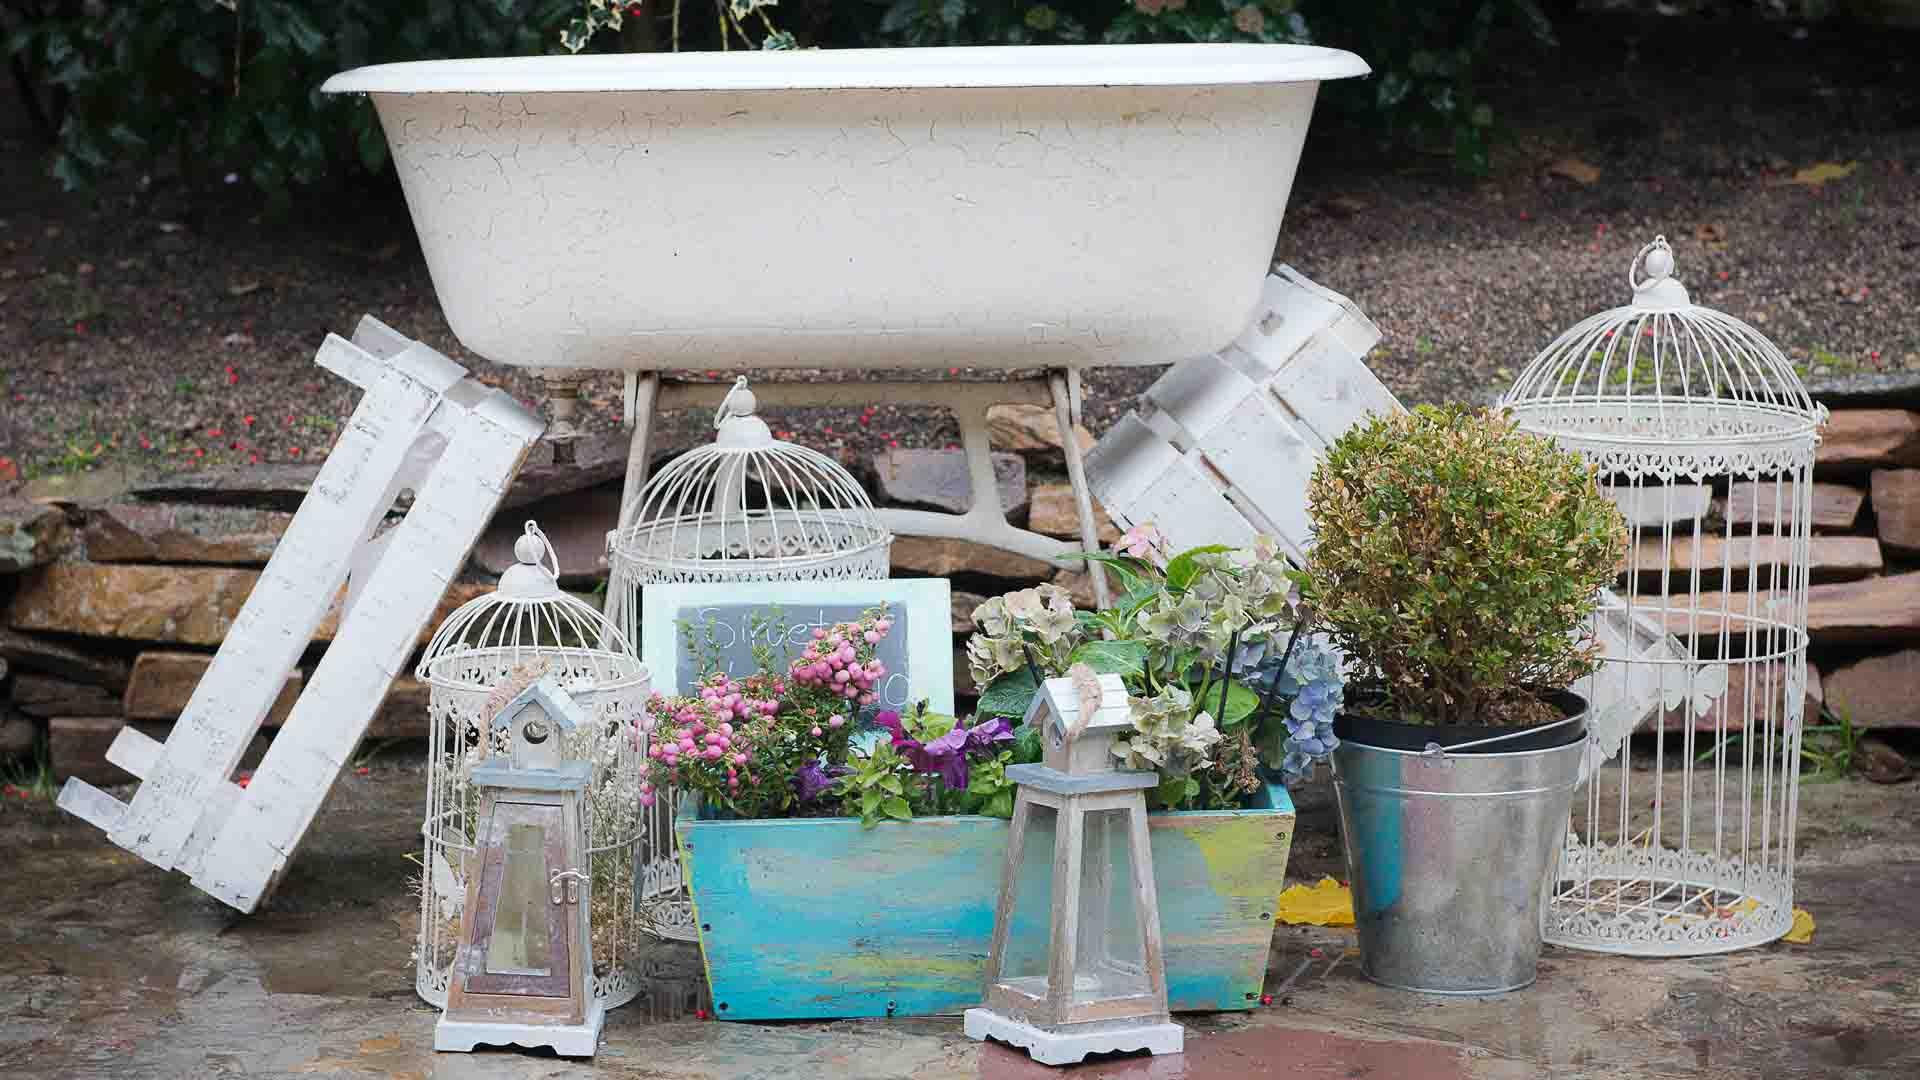 Bañera vintage para refrescos